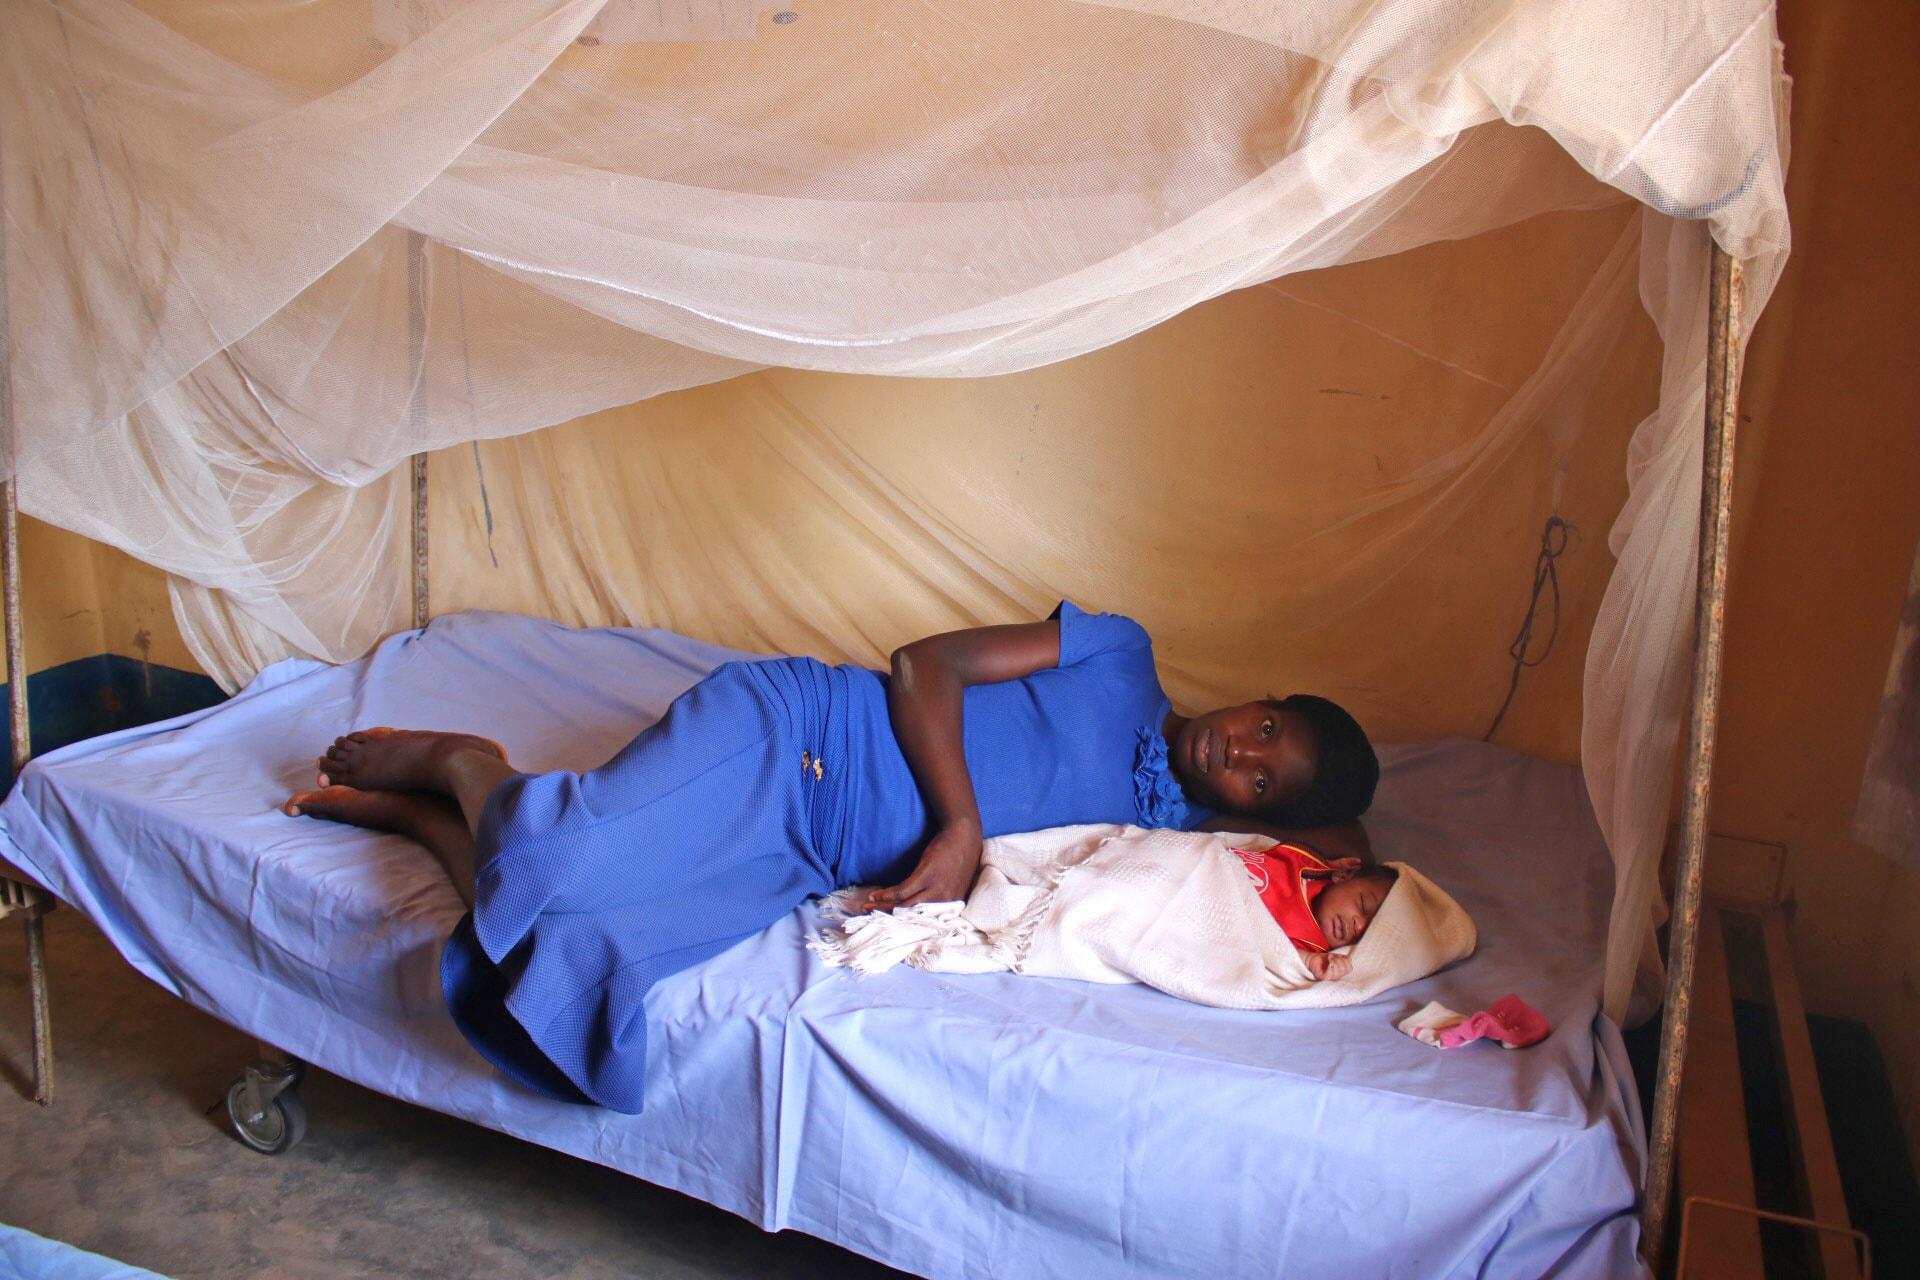 Madame Marie Kombe qui vient d'accoucher d'un petit garçon à la maternité Dingele se repose sur le lit avec son bébé. L'Eglise Méthodiste Unie a construit et équipé la maternité de Dingele dans le cadre du programme de santé globale dans la Conférence Annuelle du Congo Central. Photo de François Omanyondo Djonga, UMNS.